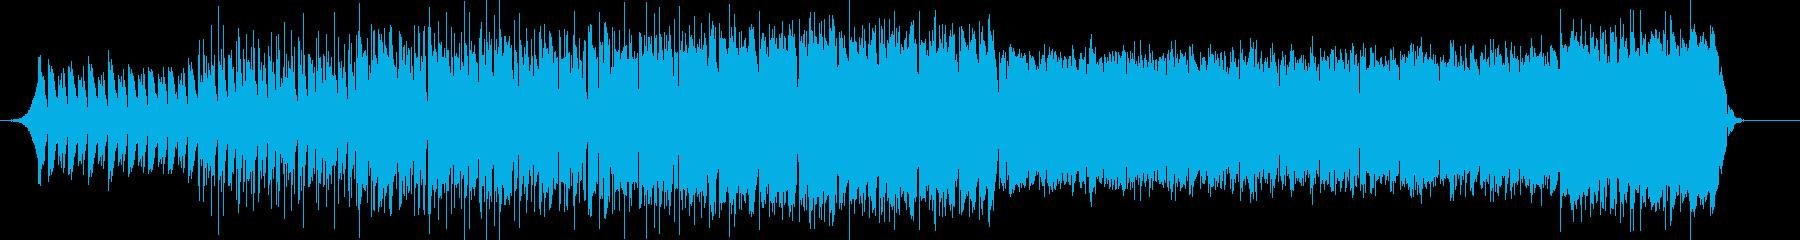 混沌としたビートサウンドの再生済みの波形